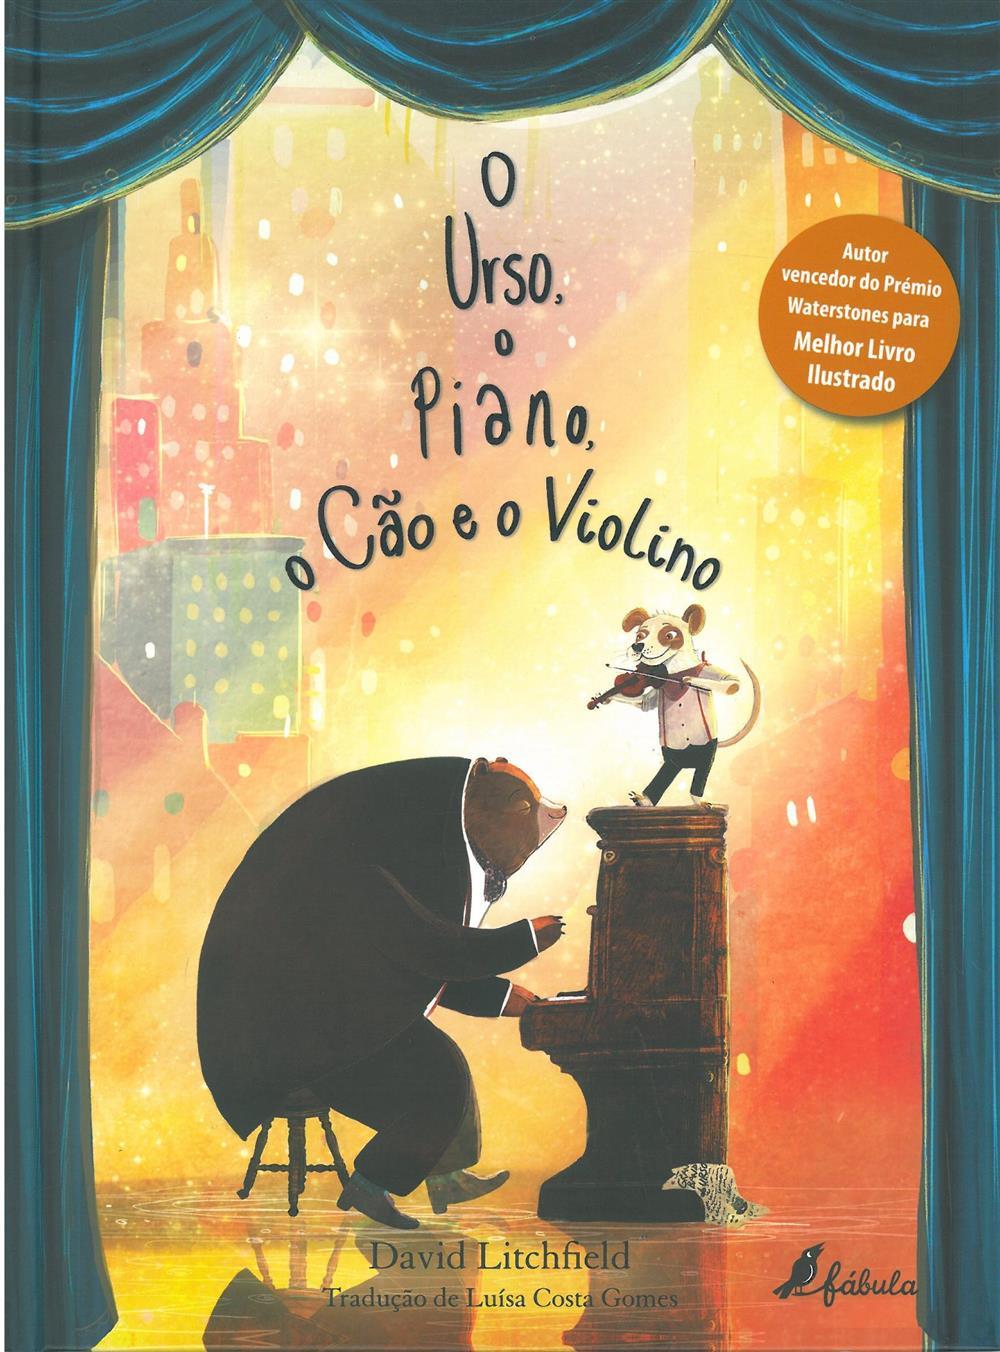 O urso, o piano, o cão e o violino_.jpg